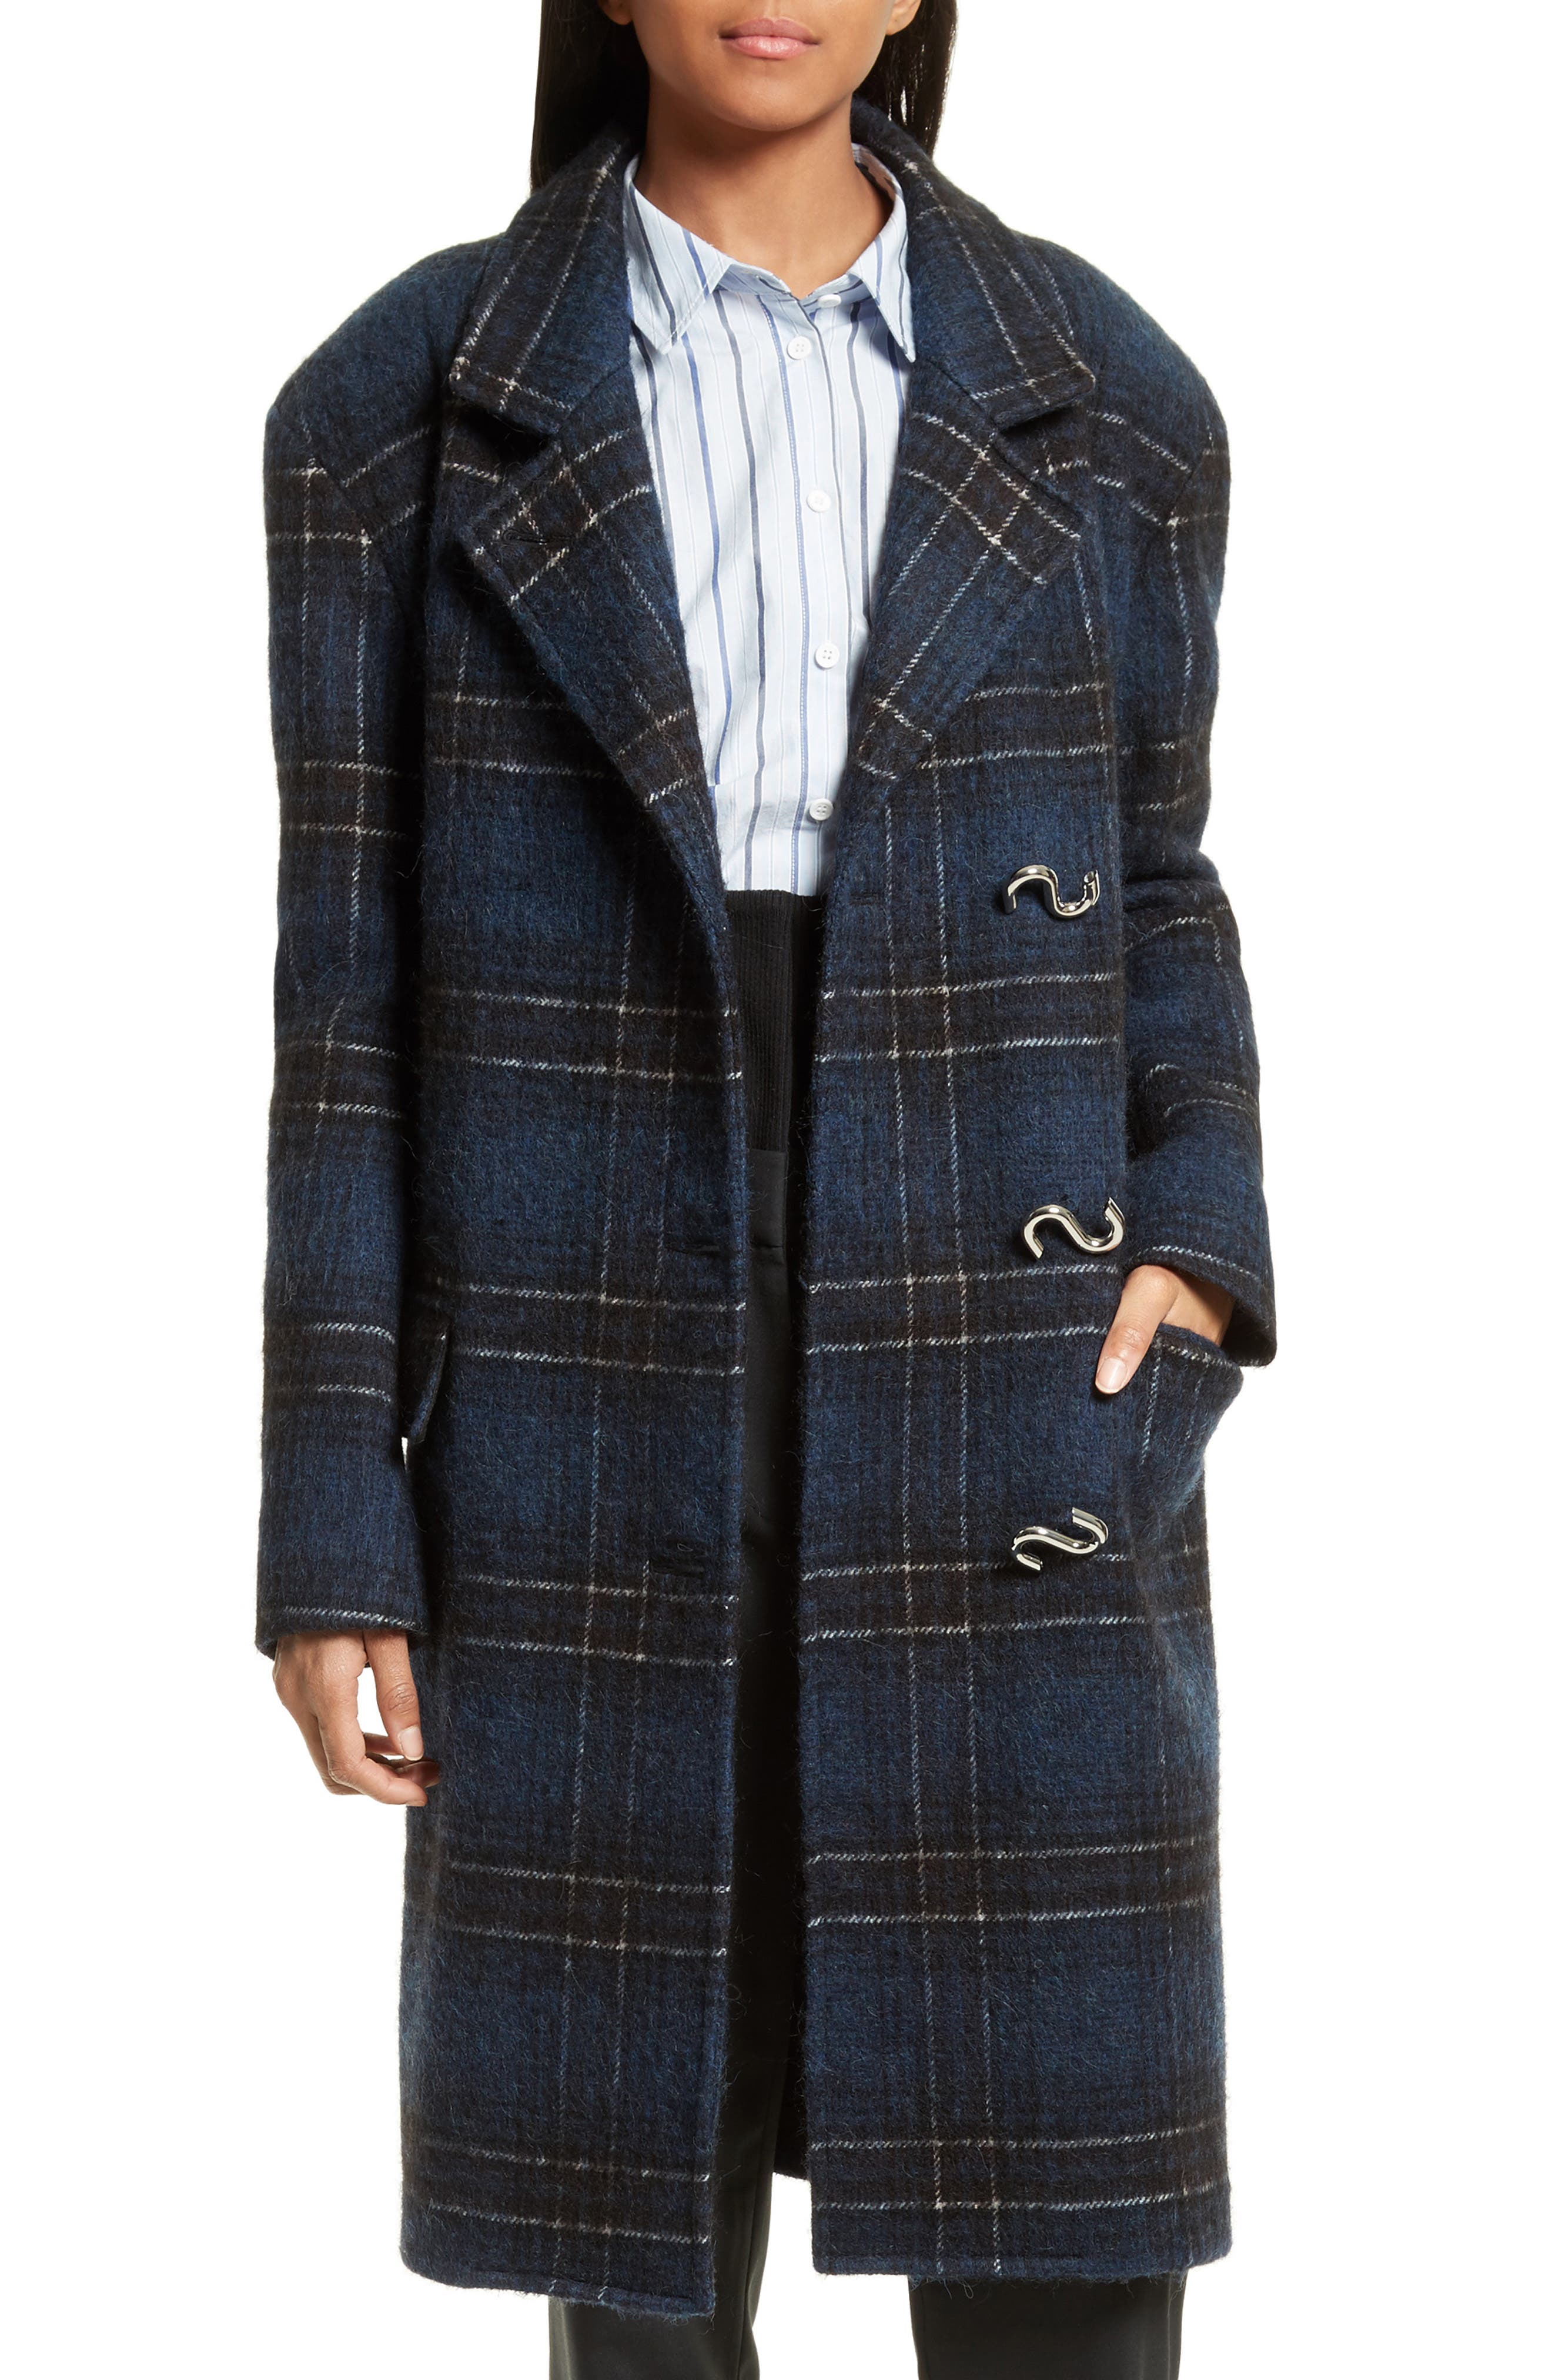 Tibi Dominic Plaid Oversize Coat